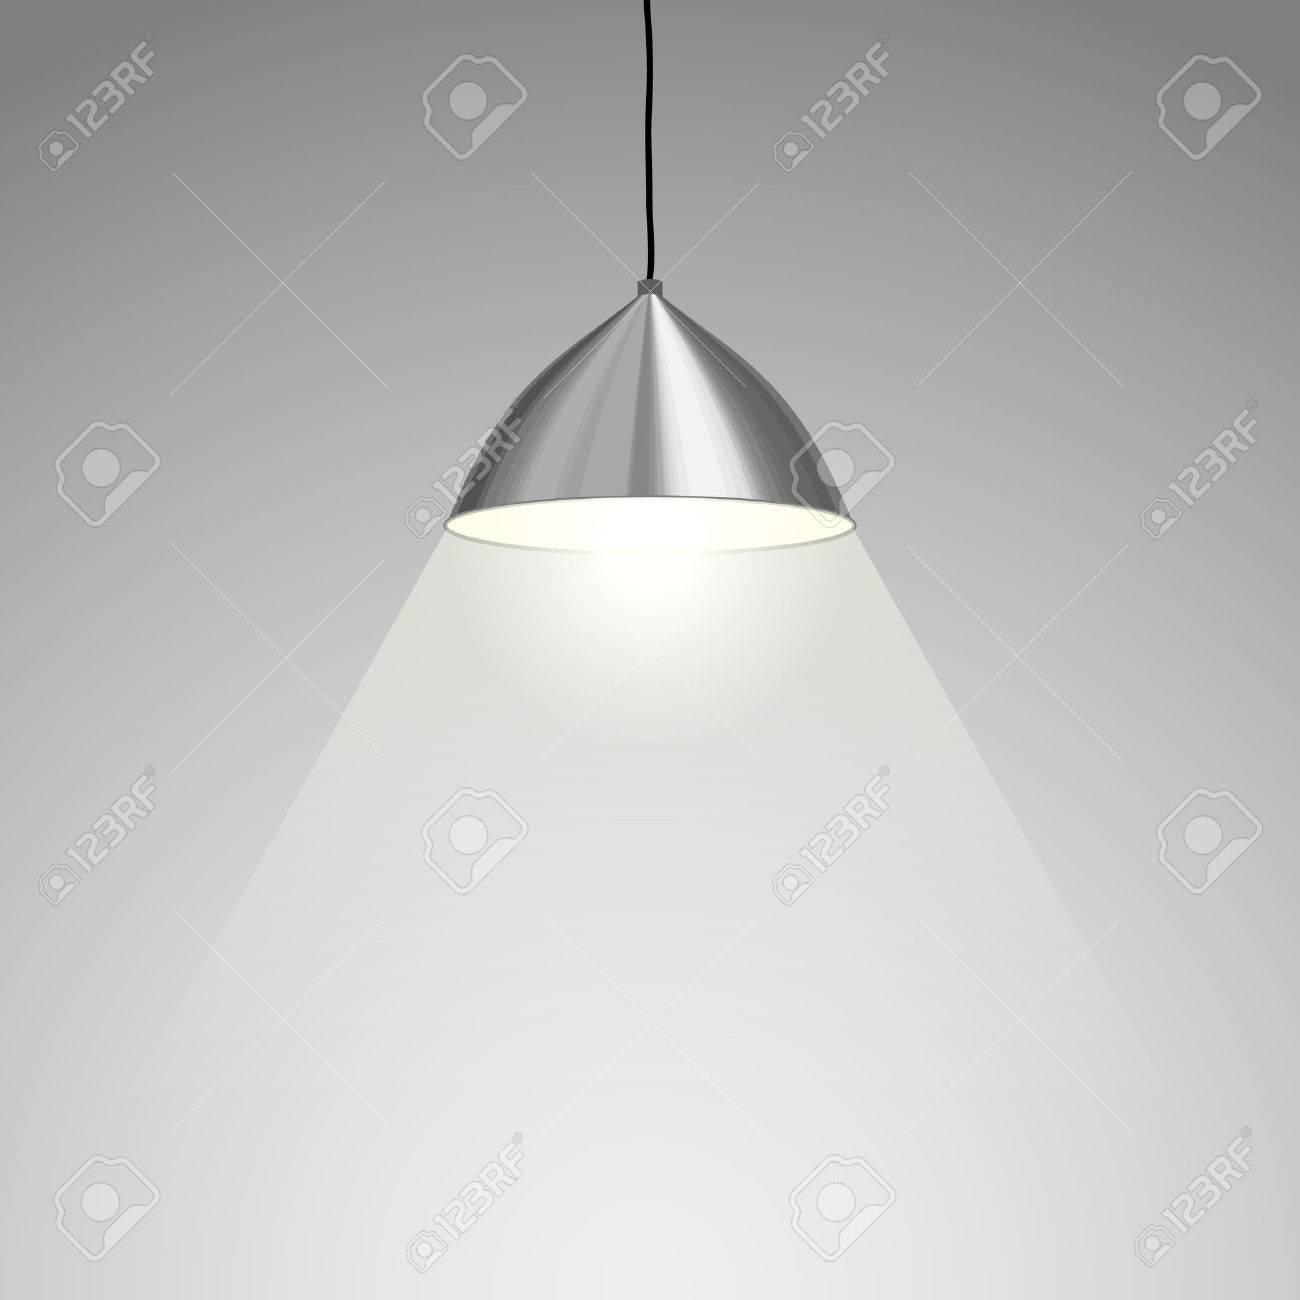 Lamp Hanging. - 32400999